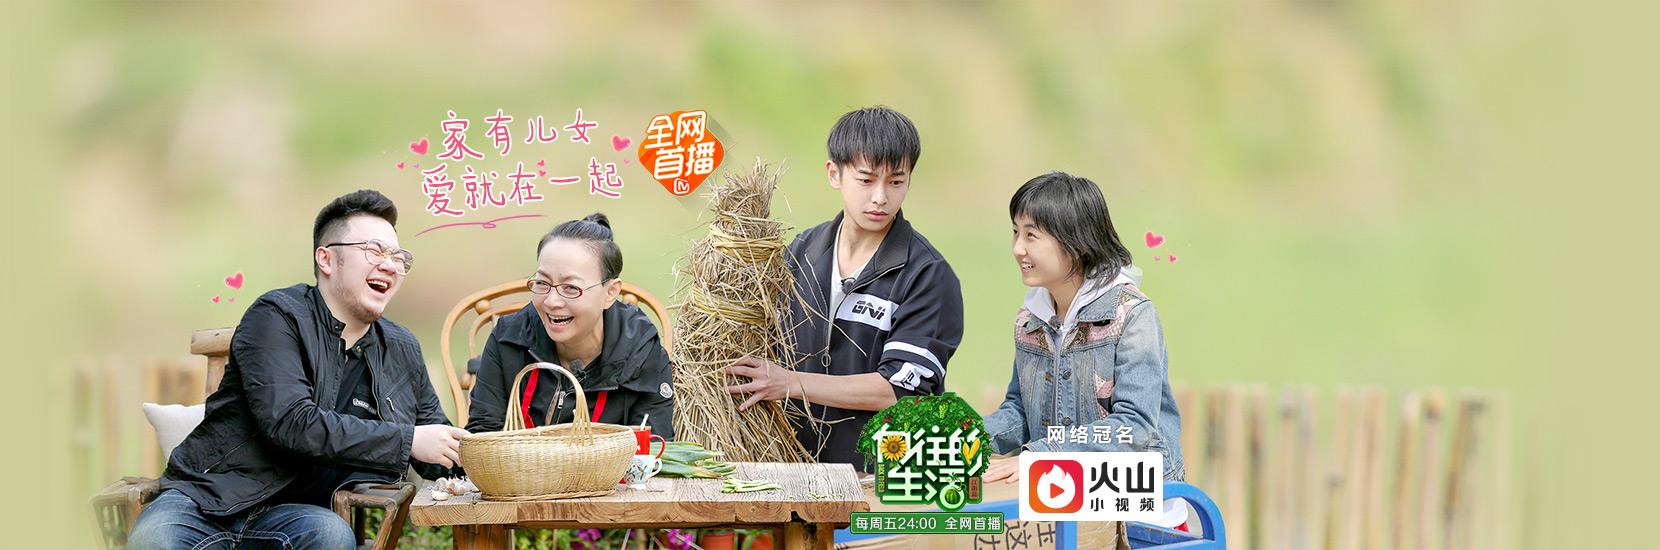 湖南卫视:向往的生活(第2季江南篇)